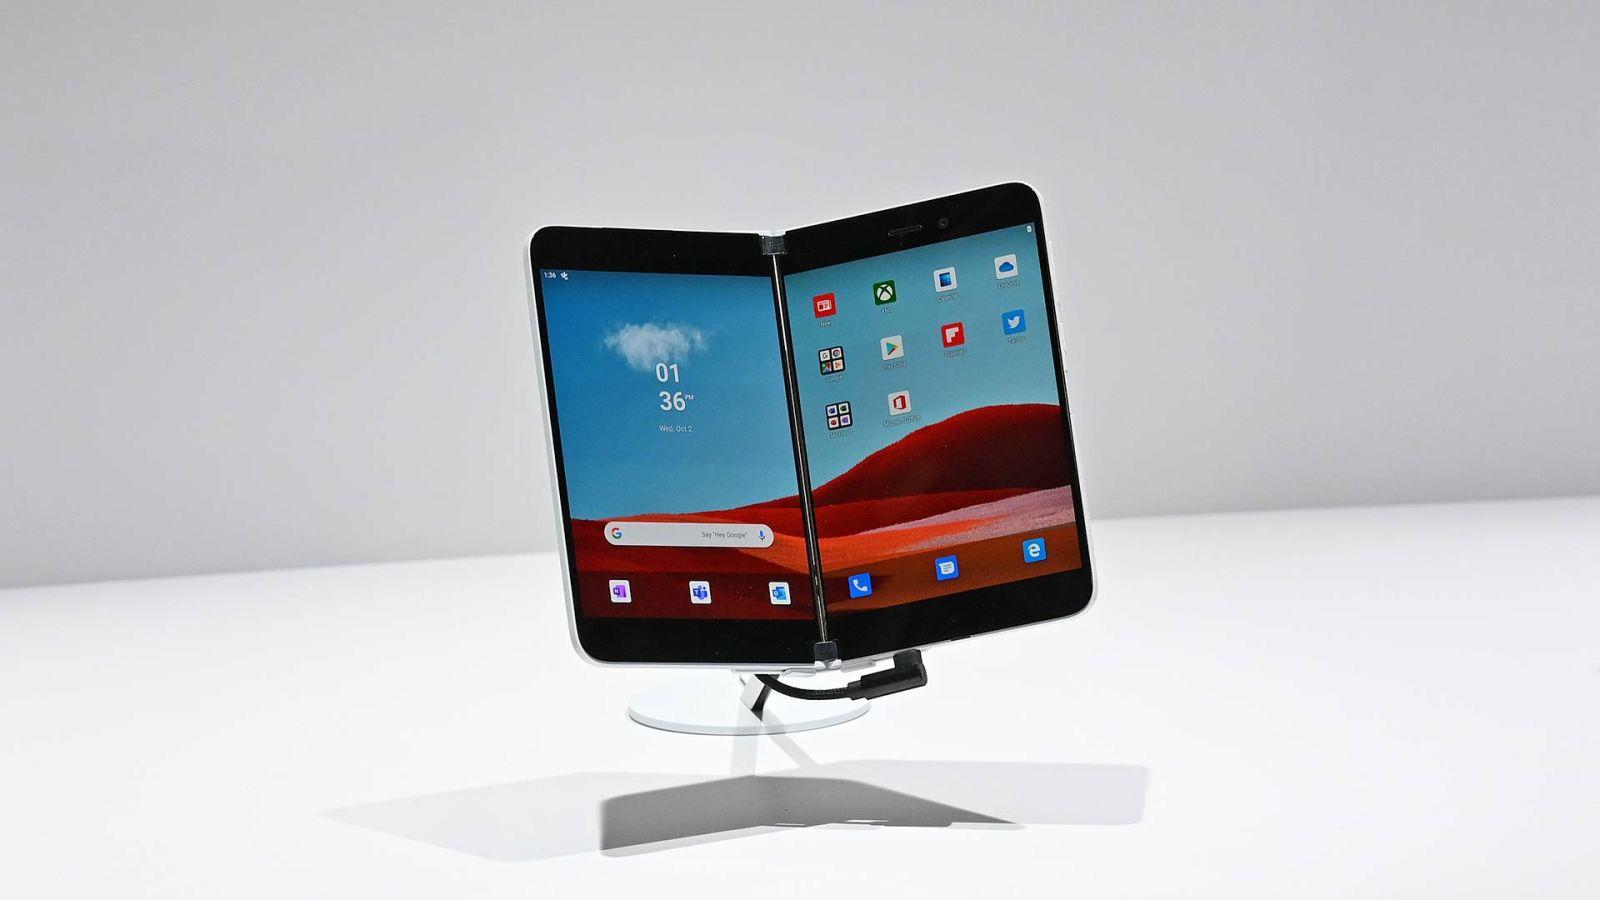 Aparelho Surface Duo -- um smartphone dobrável com duas telas na parte de dentro